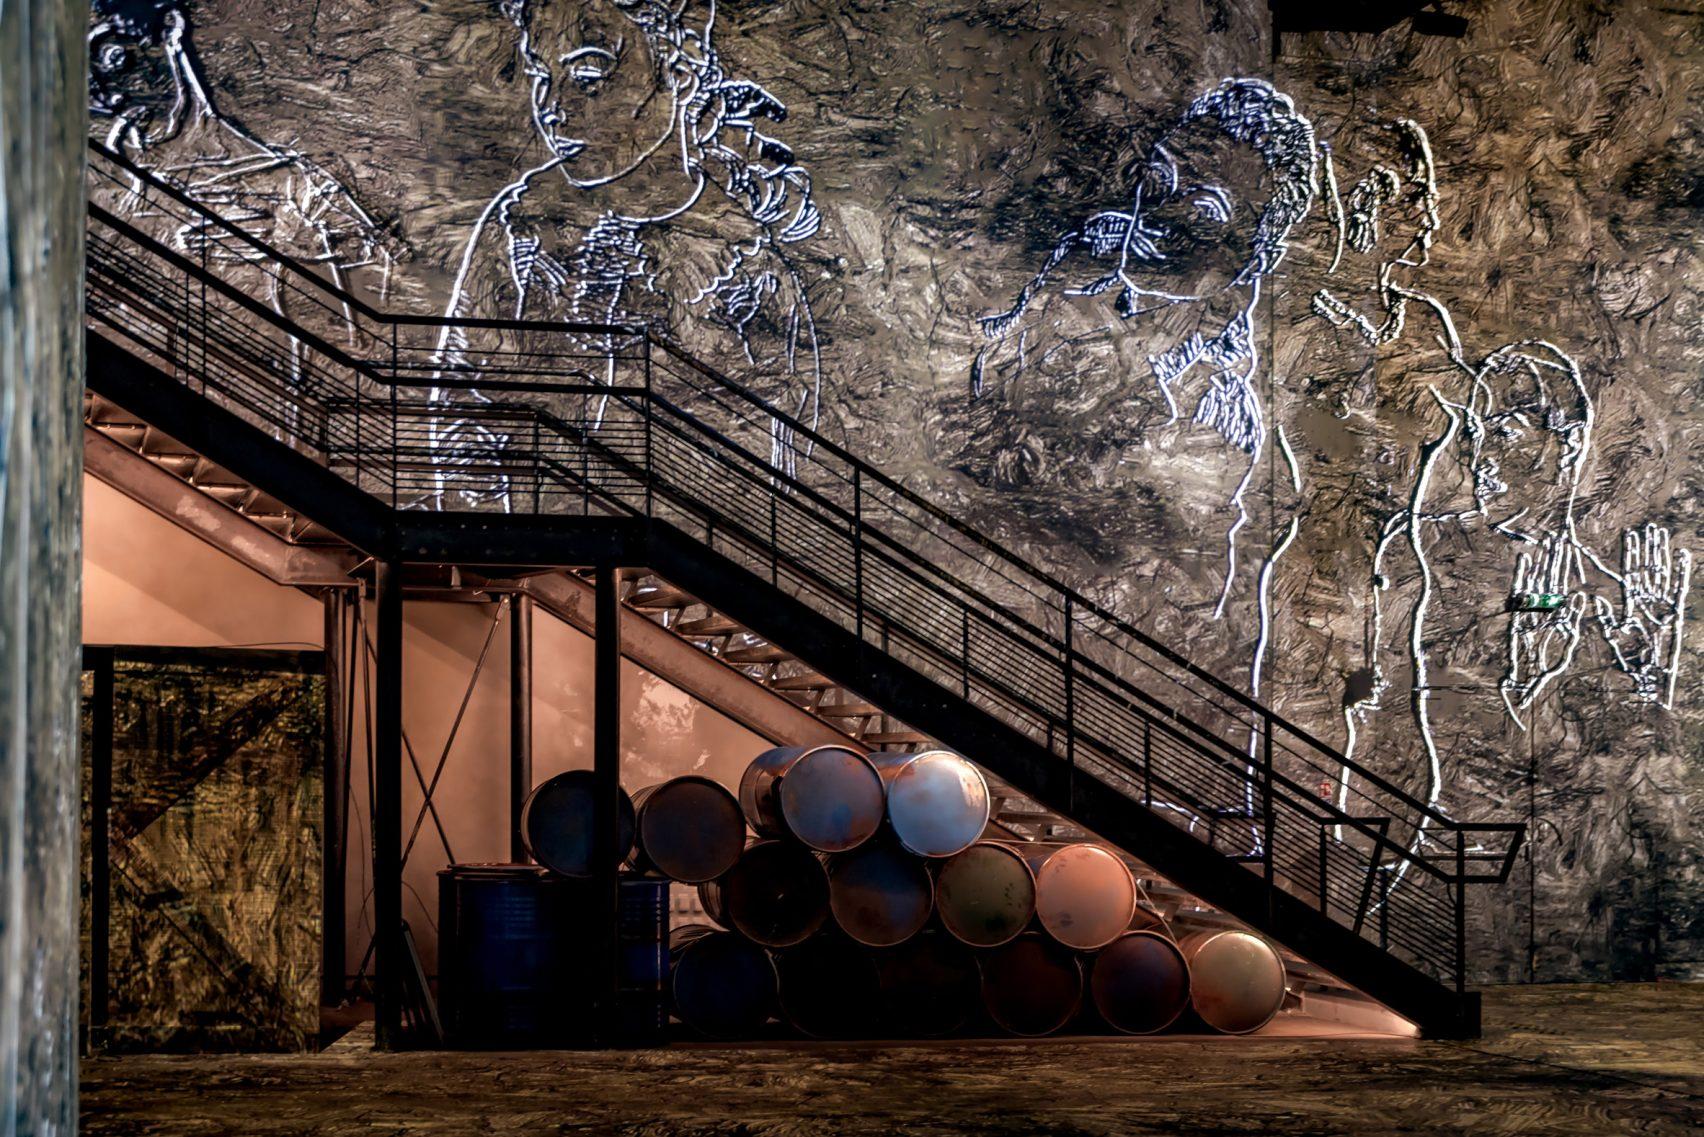 paris atelier lights digital fine art museum design dezeen 2364 col 14 1704x1137 - L'Atelier des Lumières: une révolution scénographique 2.0 ?